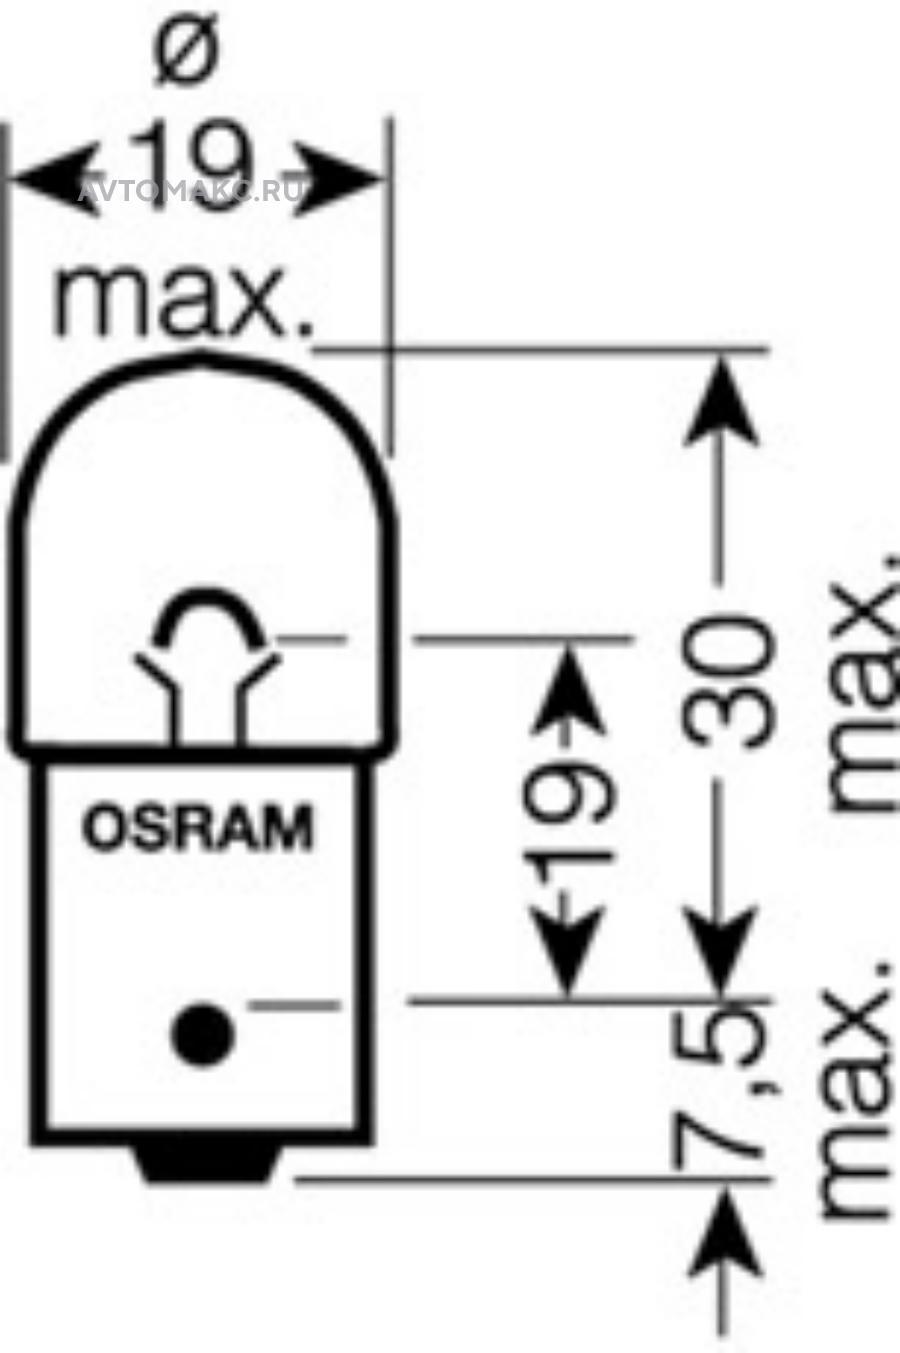 Комплект ламп R5W 12V 5W BA15s ORIGINAL LINE качество оригинальной з/ч (ОЕМ) 2шт.(1к-т)